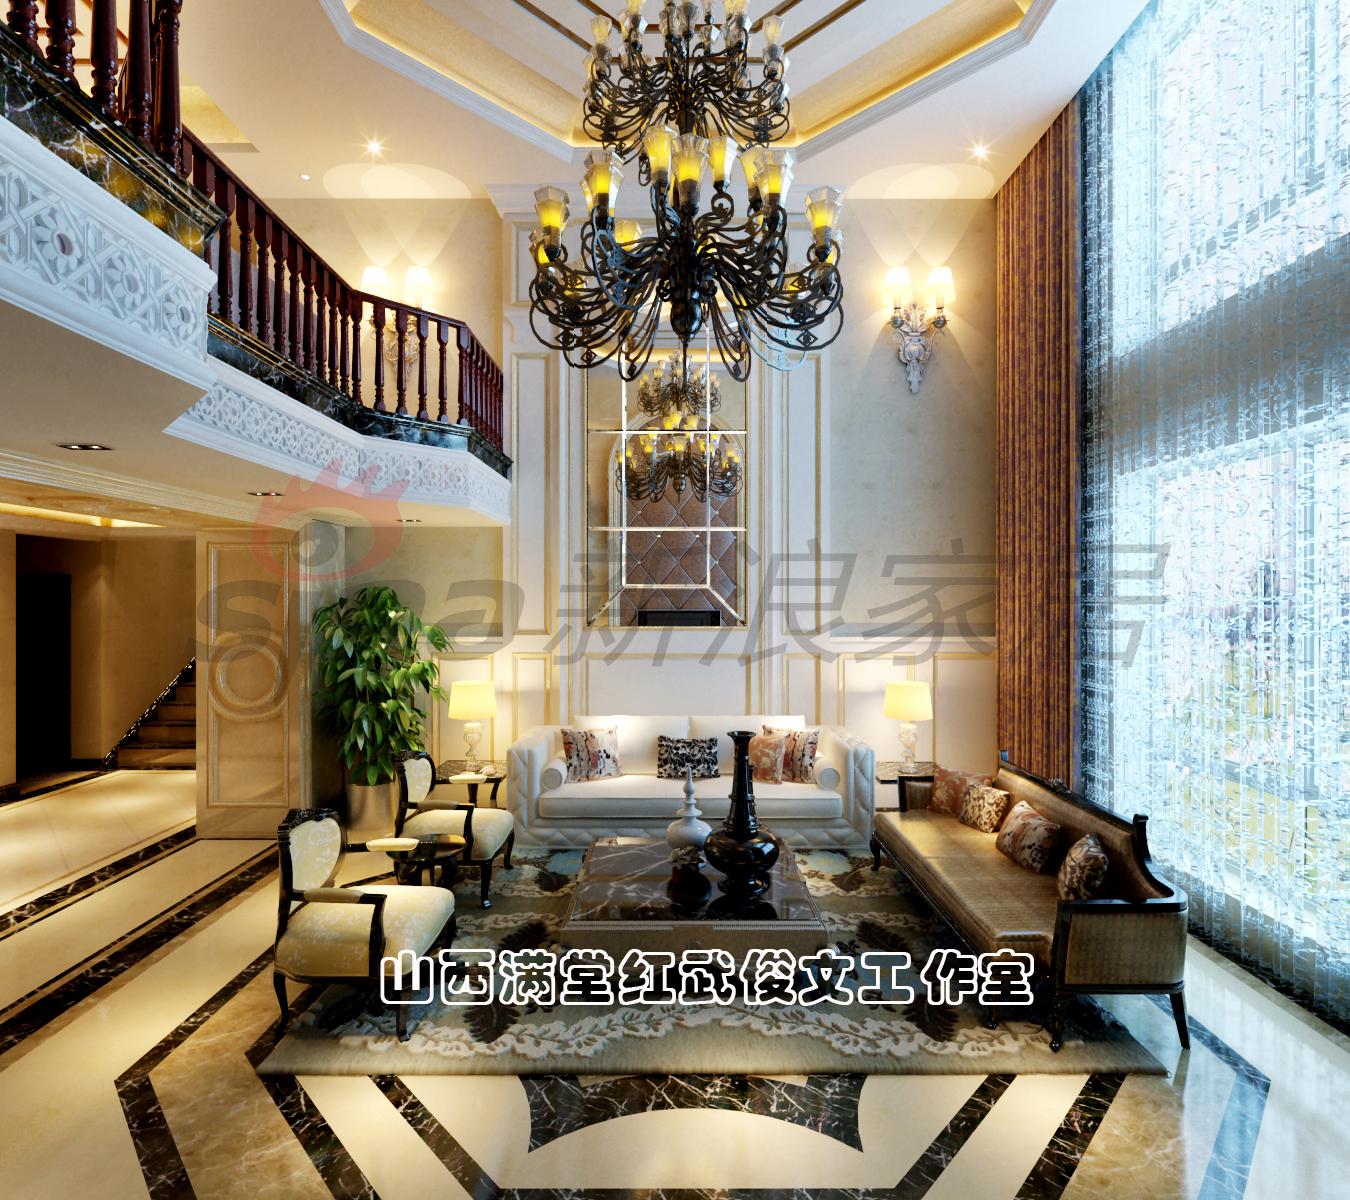 简约 欧式 客厅图片来自满堂红设计师武俊文在长治别墅的分享